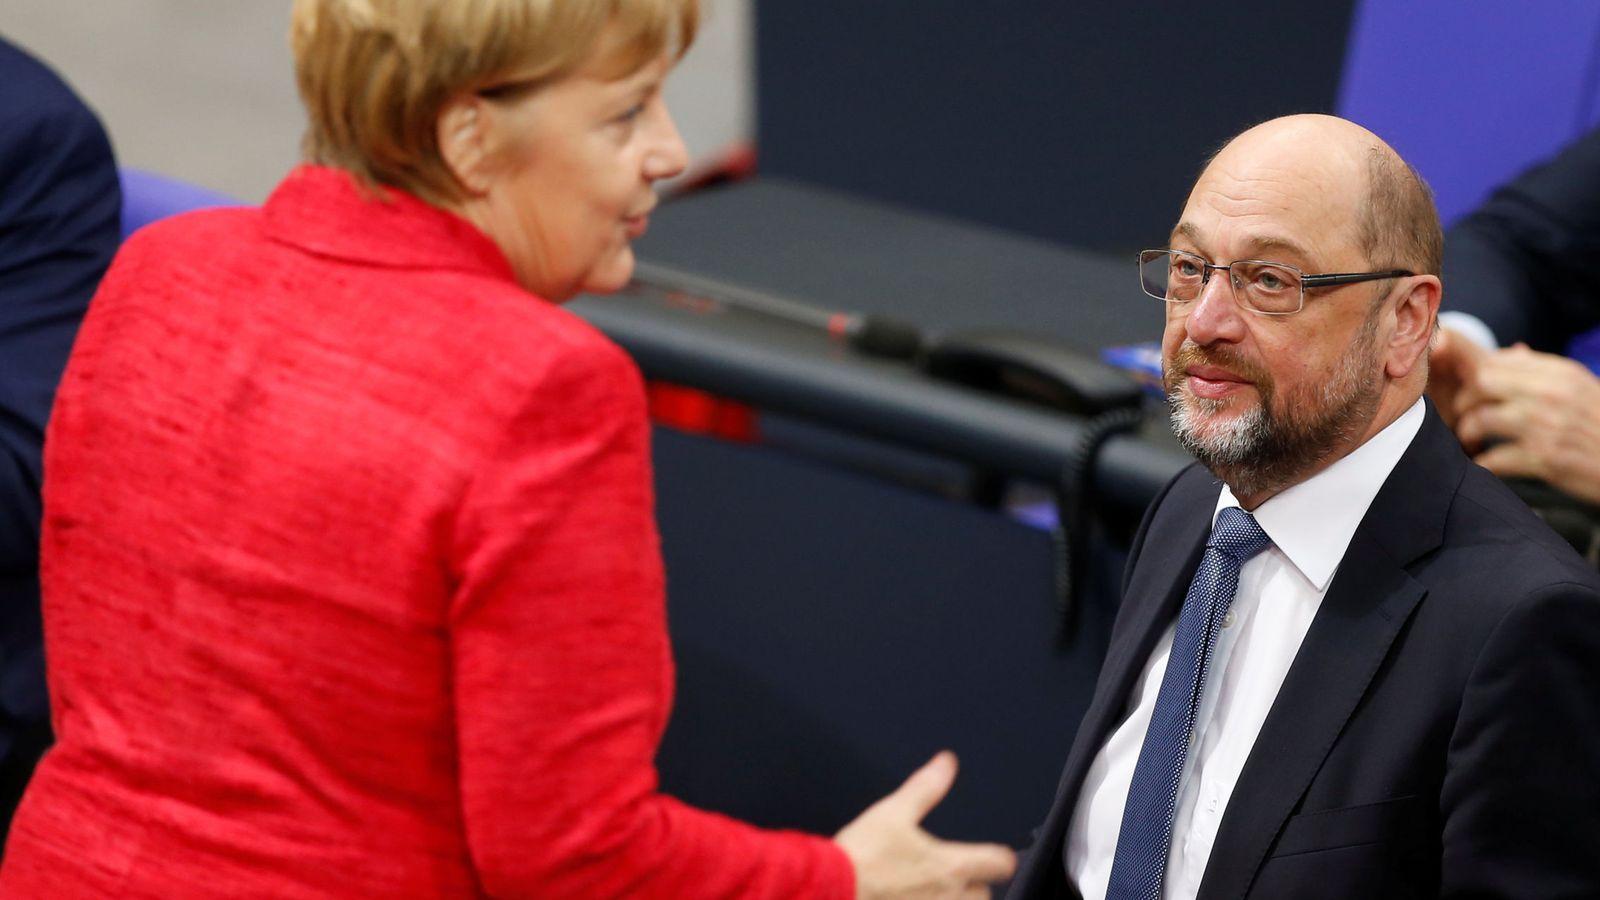 Foto: Angela Merkel habla con Martin Schulz en una reunión del Bundestag, el pasado 21 de noviembre de 2017. (Reuters)